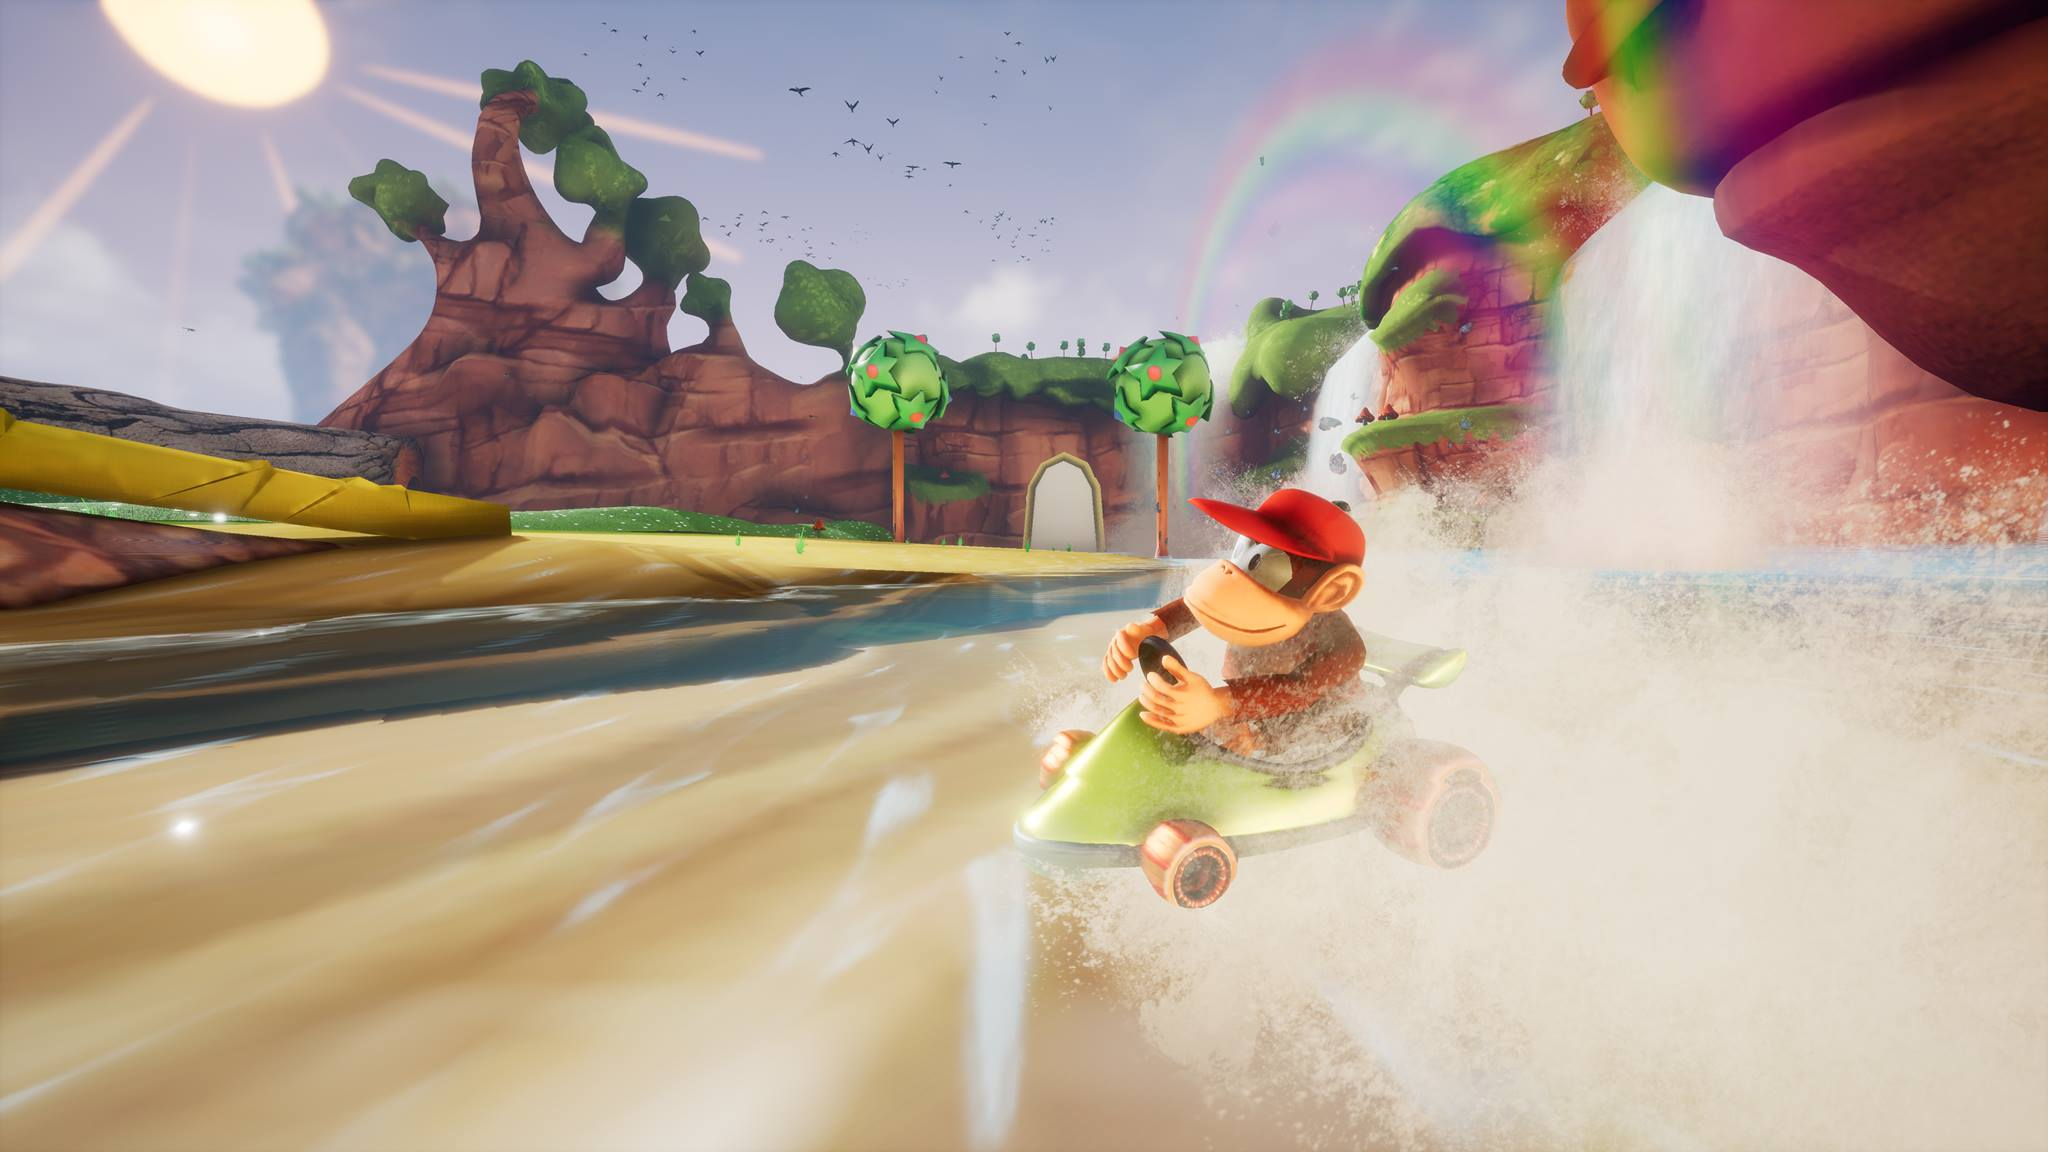 Un aficionado recrea Diddy Kong Racing con el Unreal Engine 4